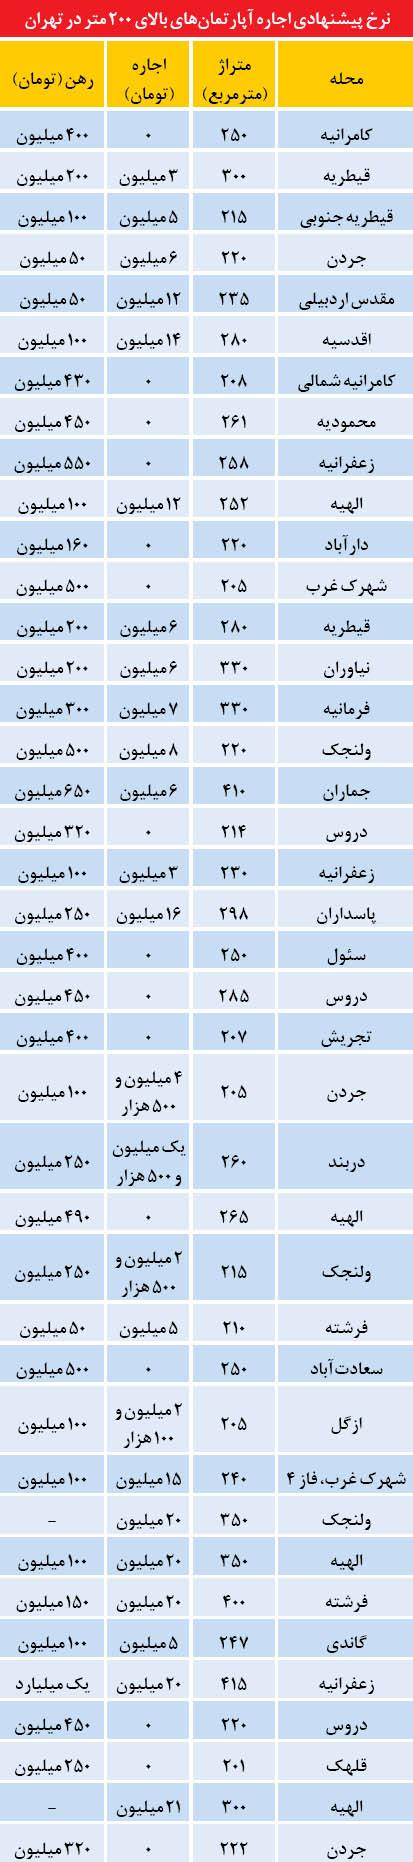 رهن و اجاره آپارتمانهای لوکس در تهران